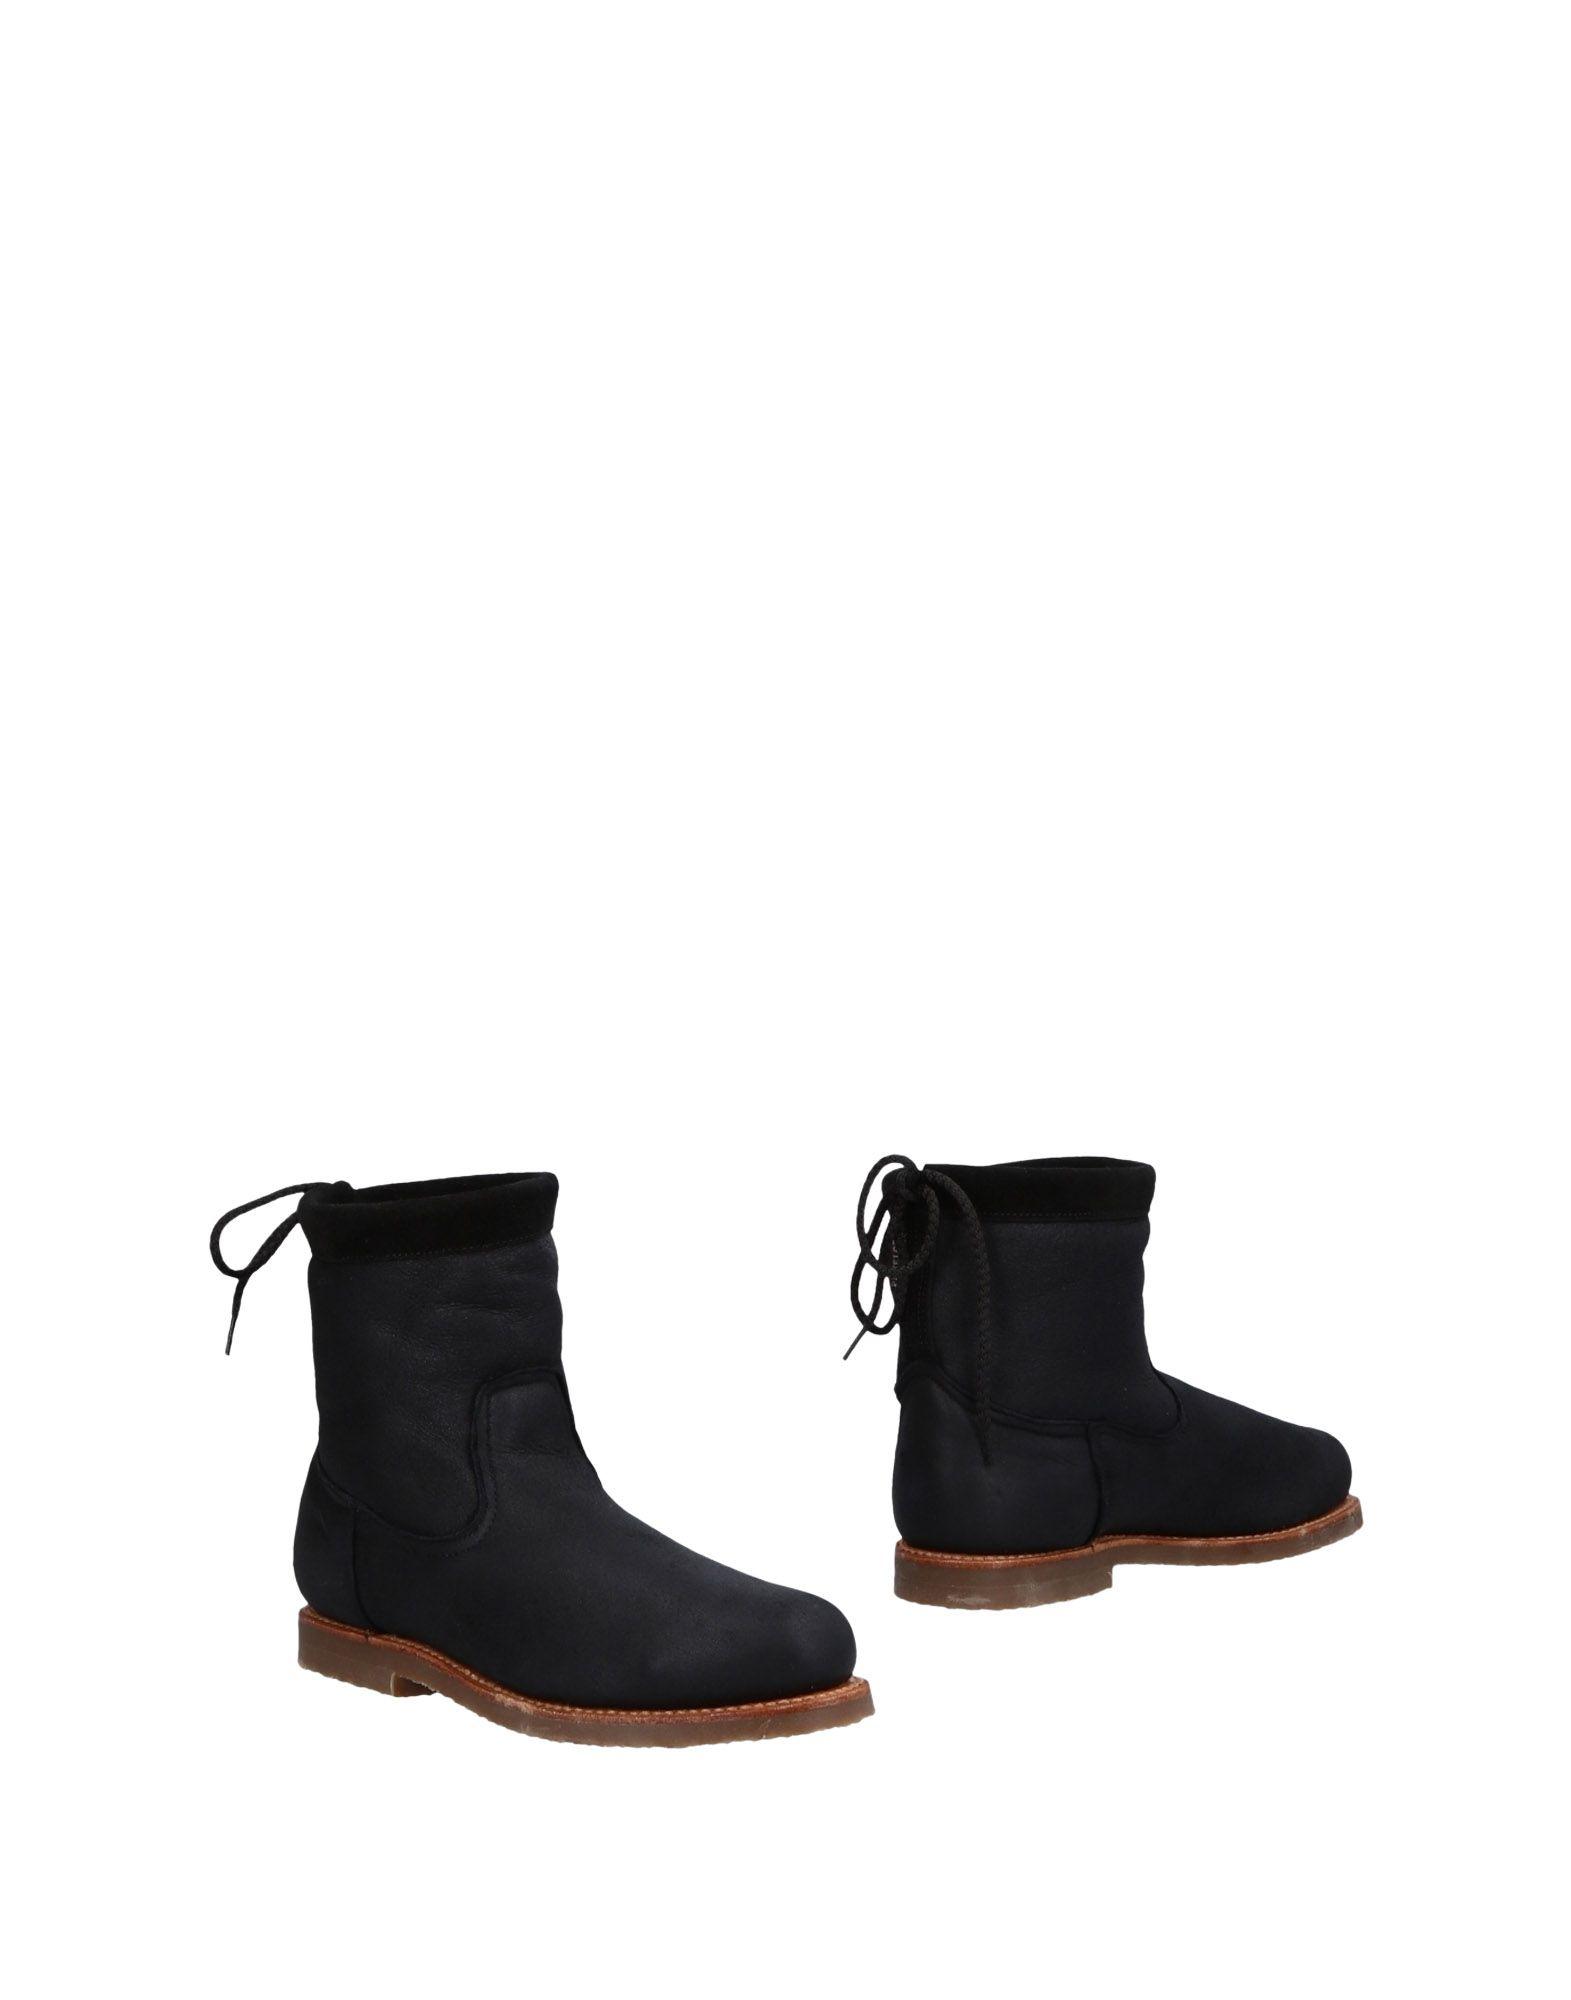 Penelope Chilvers Stiefelette Damen  11477962VQGut aussehende strapazierfähige Schuhe